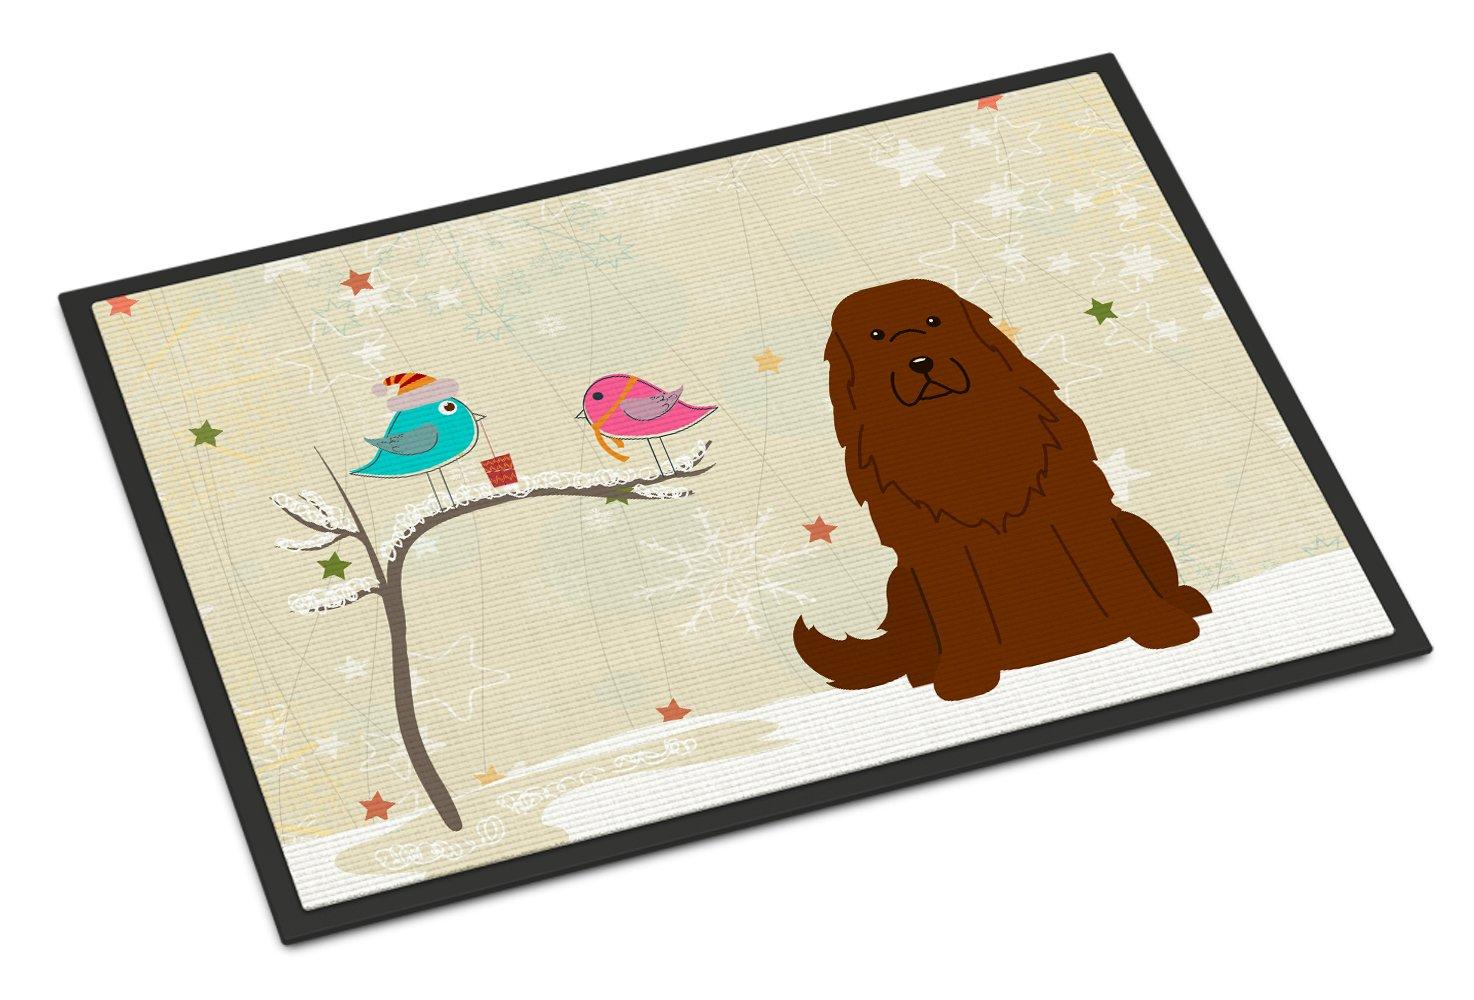 Carolines Treasures Christmas Presents between Friends Caucasian Shepherd Dog Indoor or Outdoor Mat 24x36 BB2522JMAT 24 x 36 Multicolor